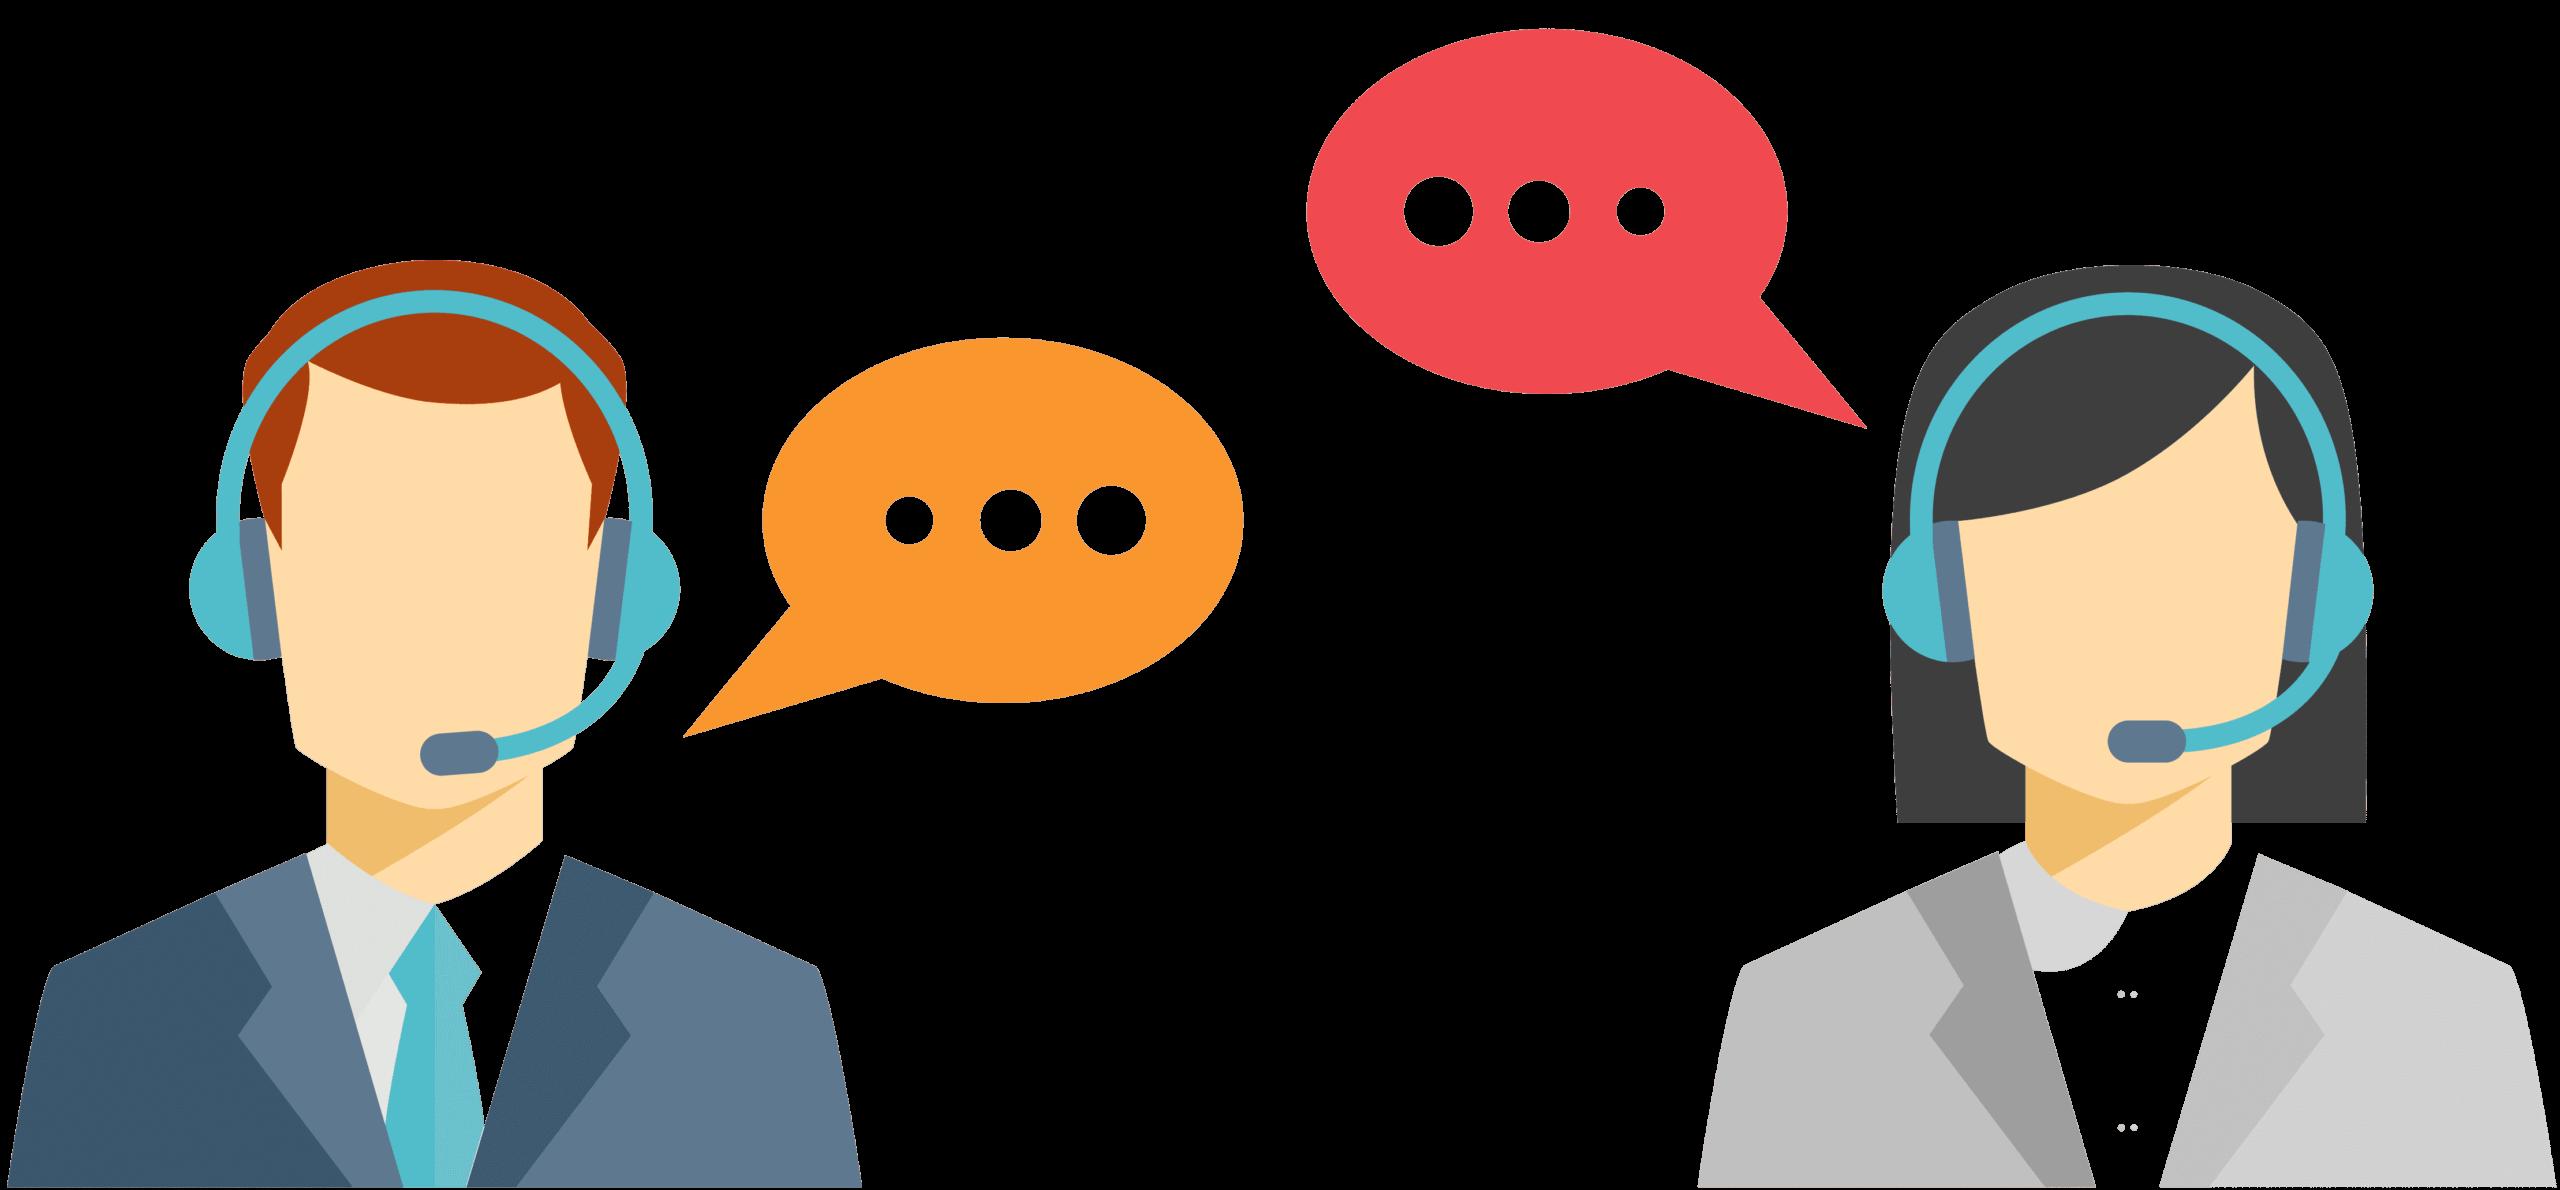 אנשים יוצרים קשר אחד עם השני